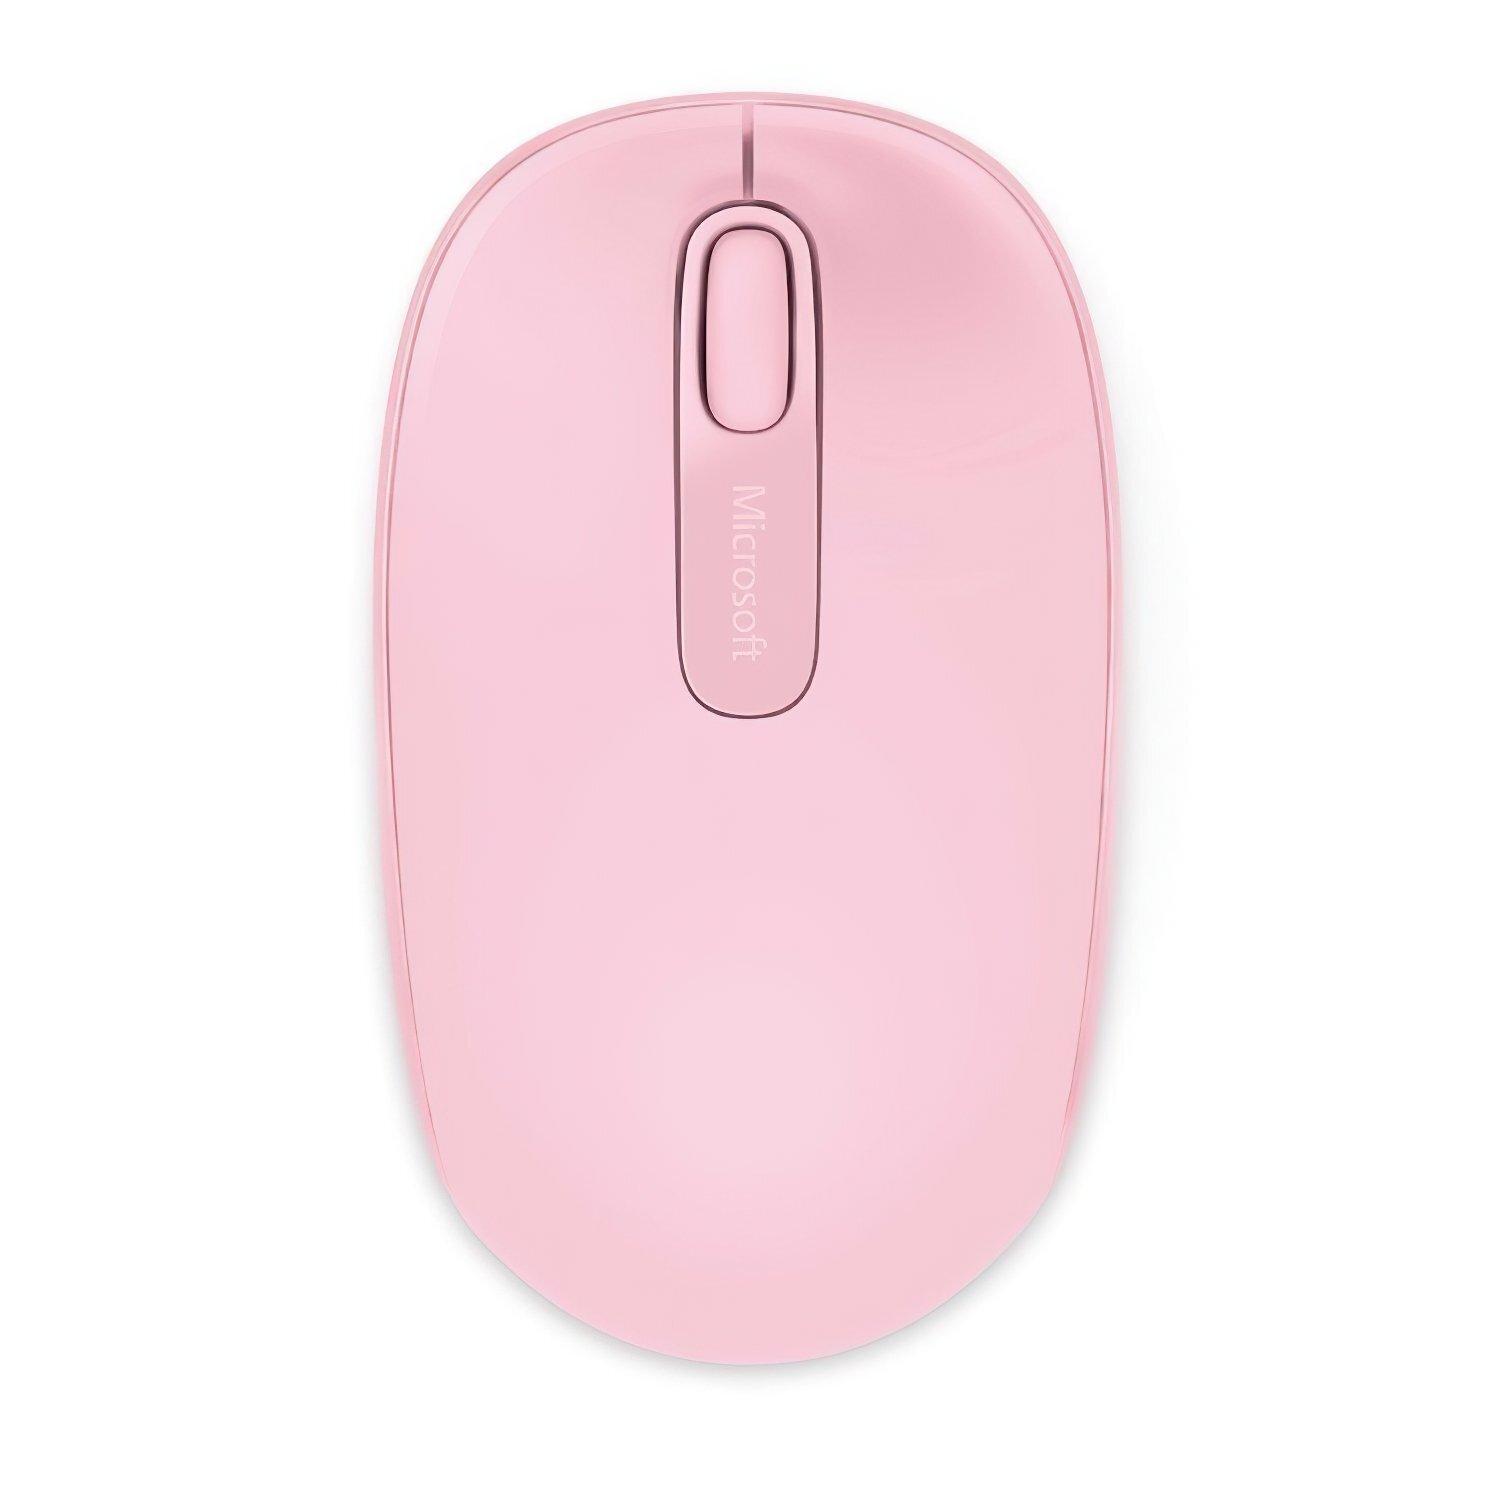 Миша Microsoft Mobile Mouse 1850 WL Pink (U7Z-00024) фото